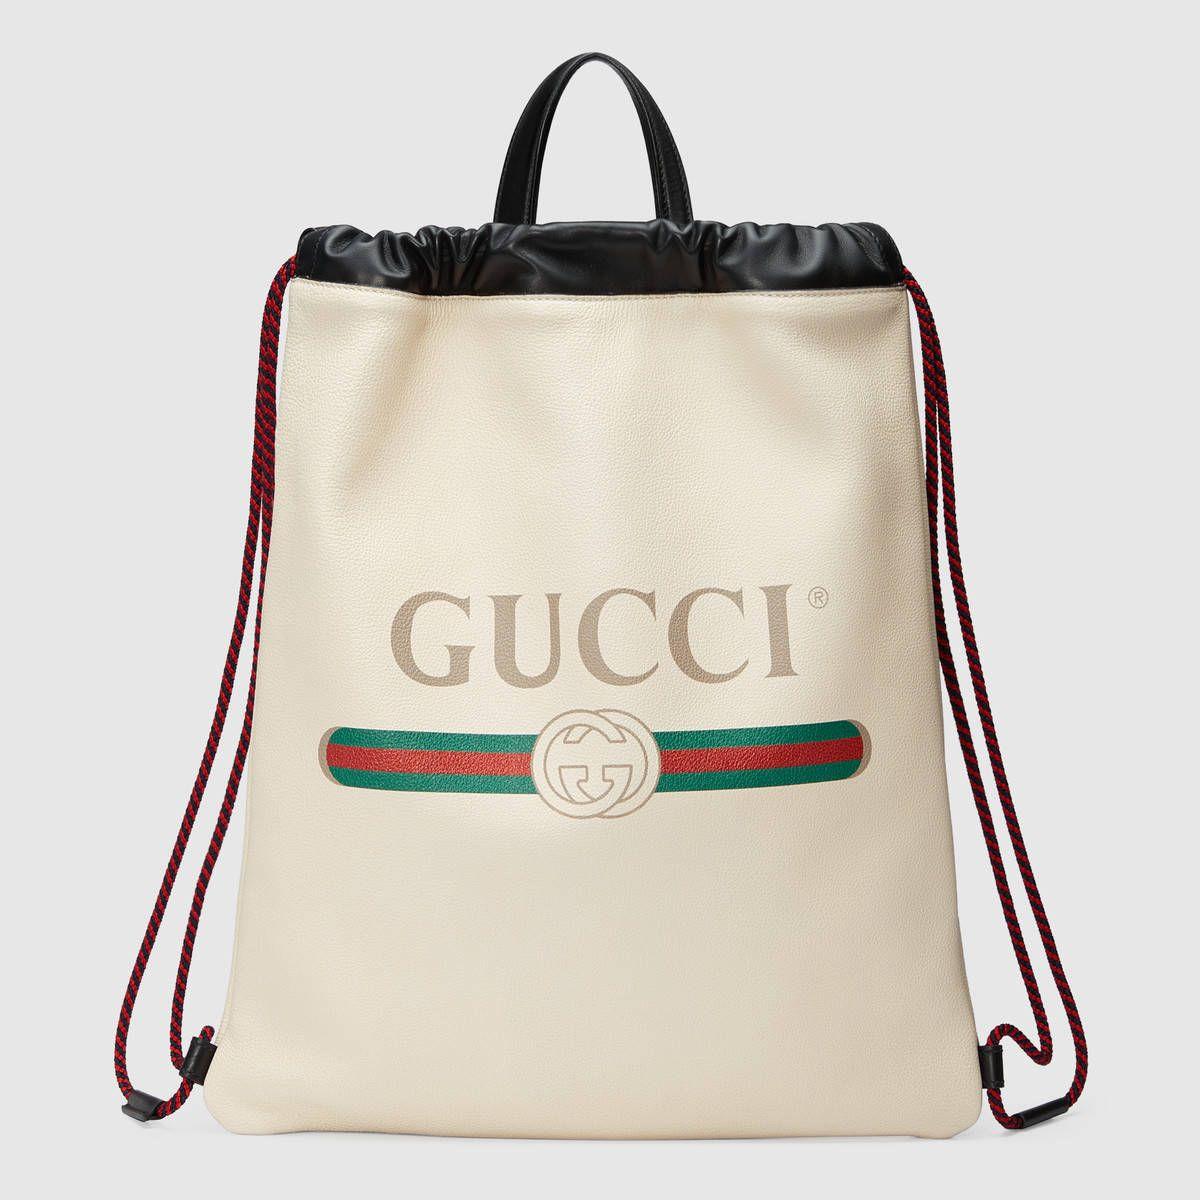 Sac à dos en cuir Gucci Print PsbbBh1rT